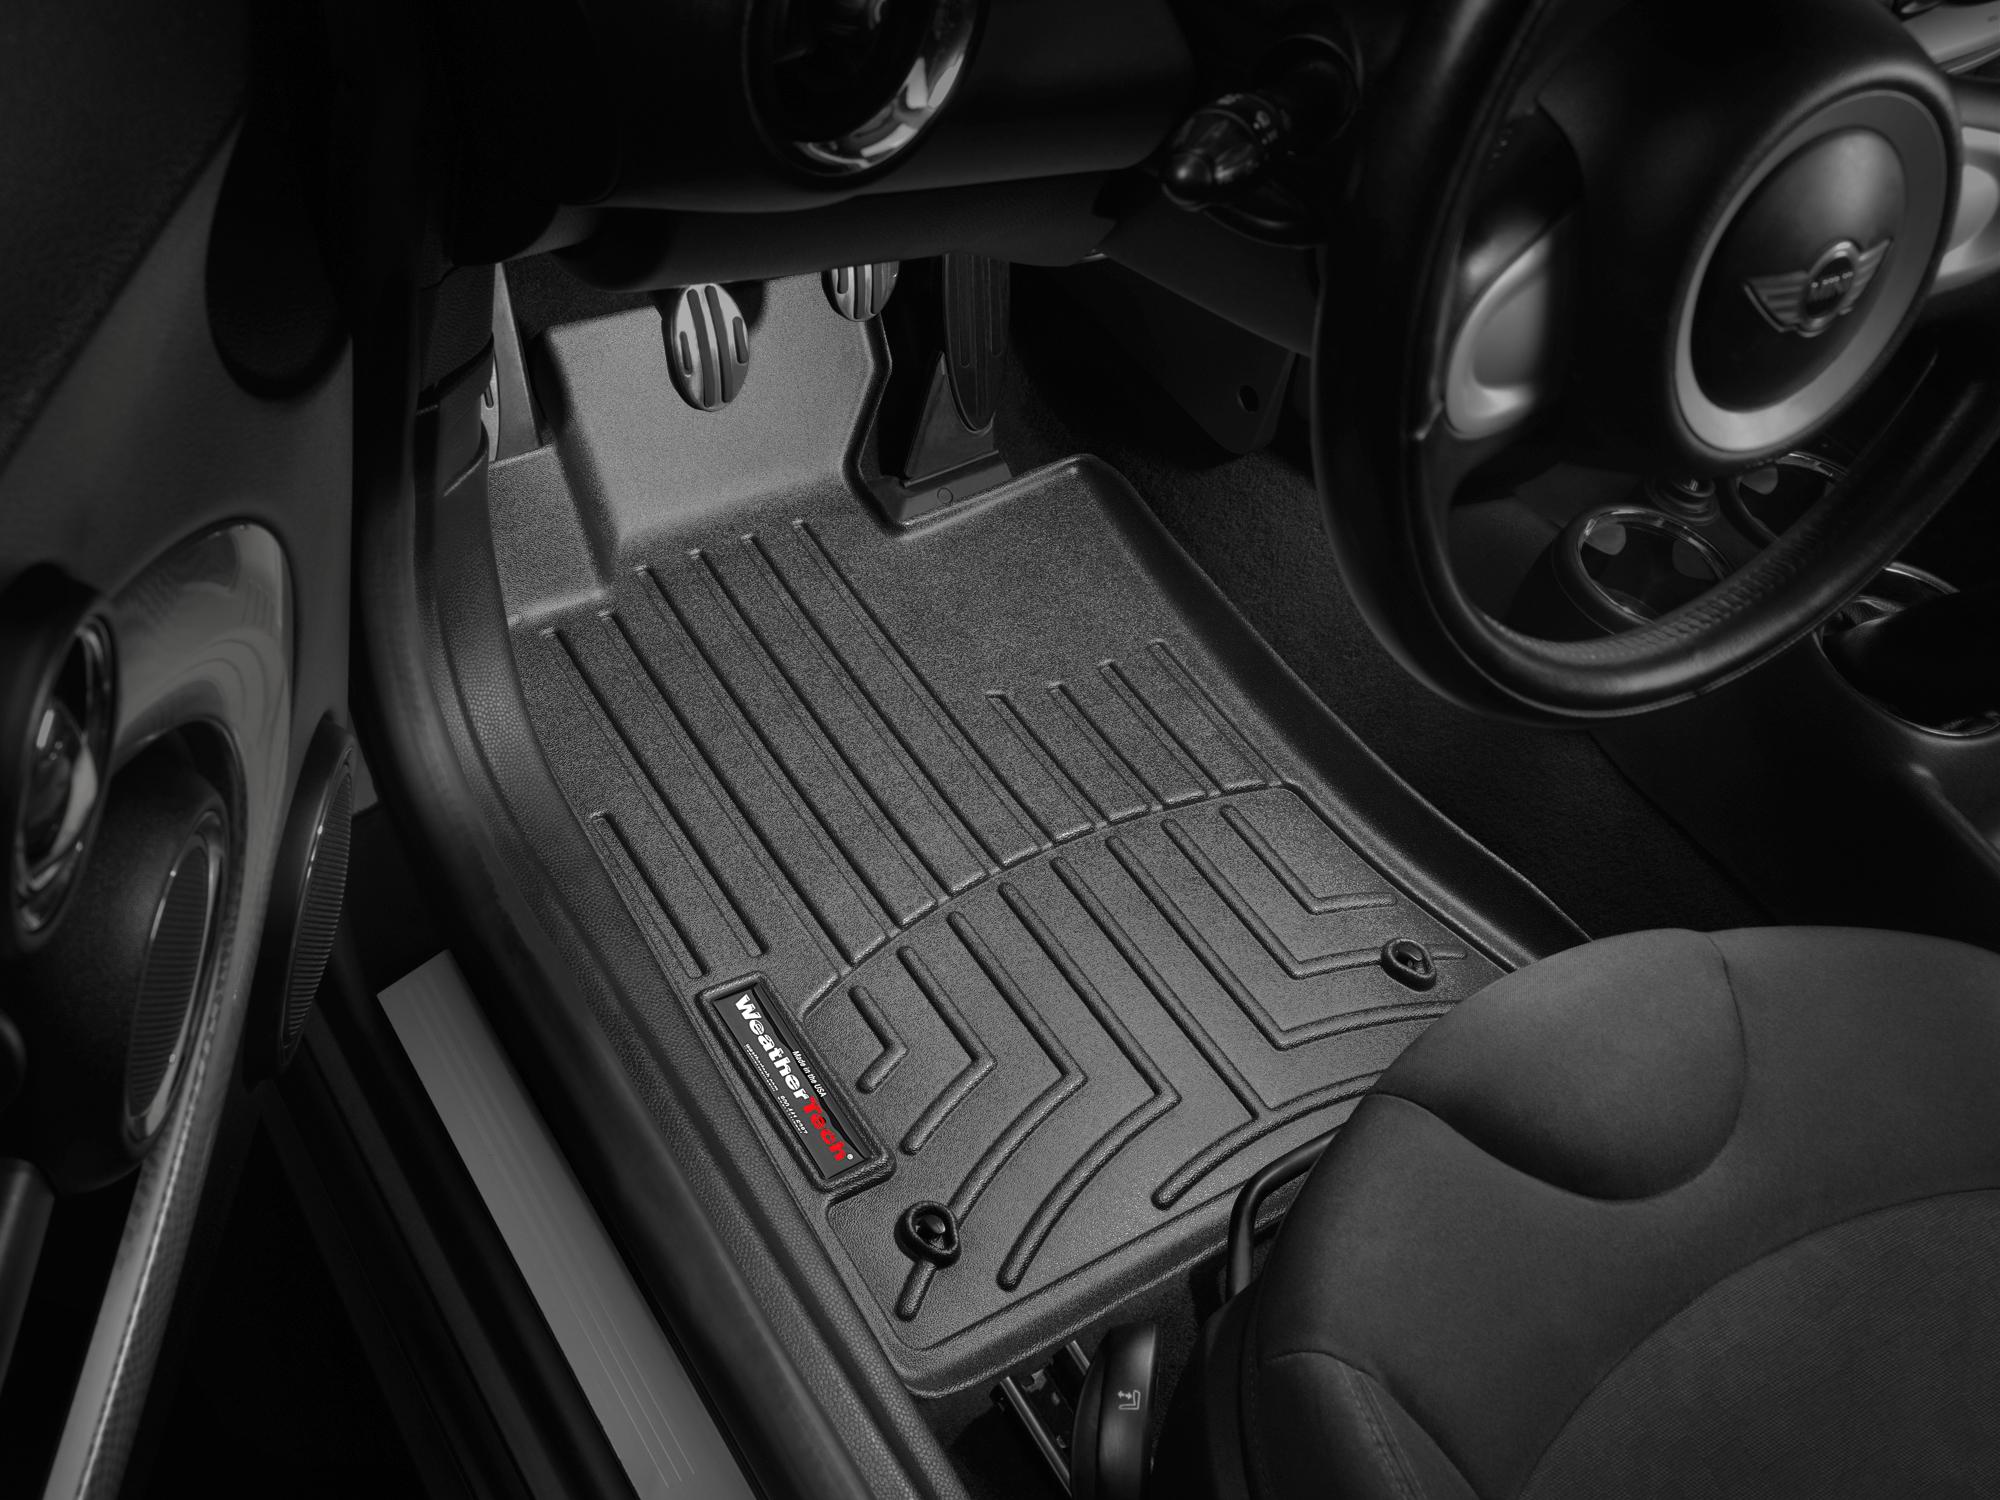 Tappeti gomma su misura bordo alto MINI Cooper / Cooper S 09>13 Nero A2687*